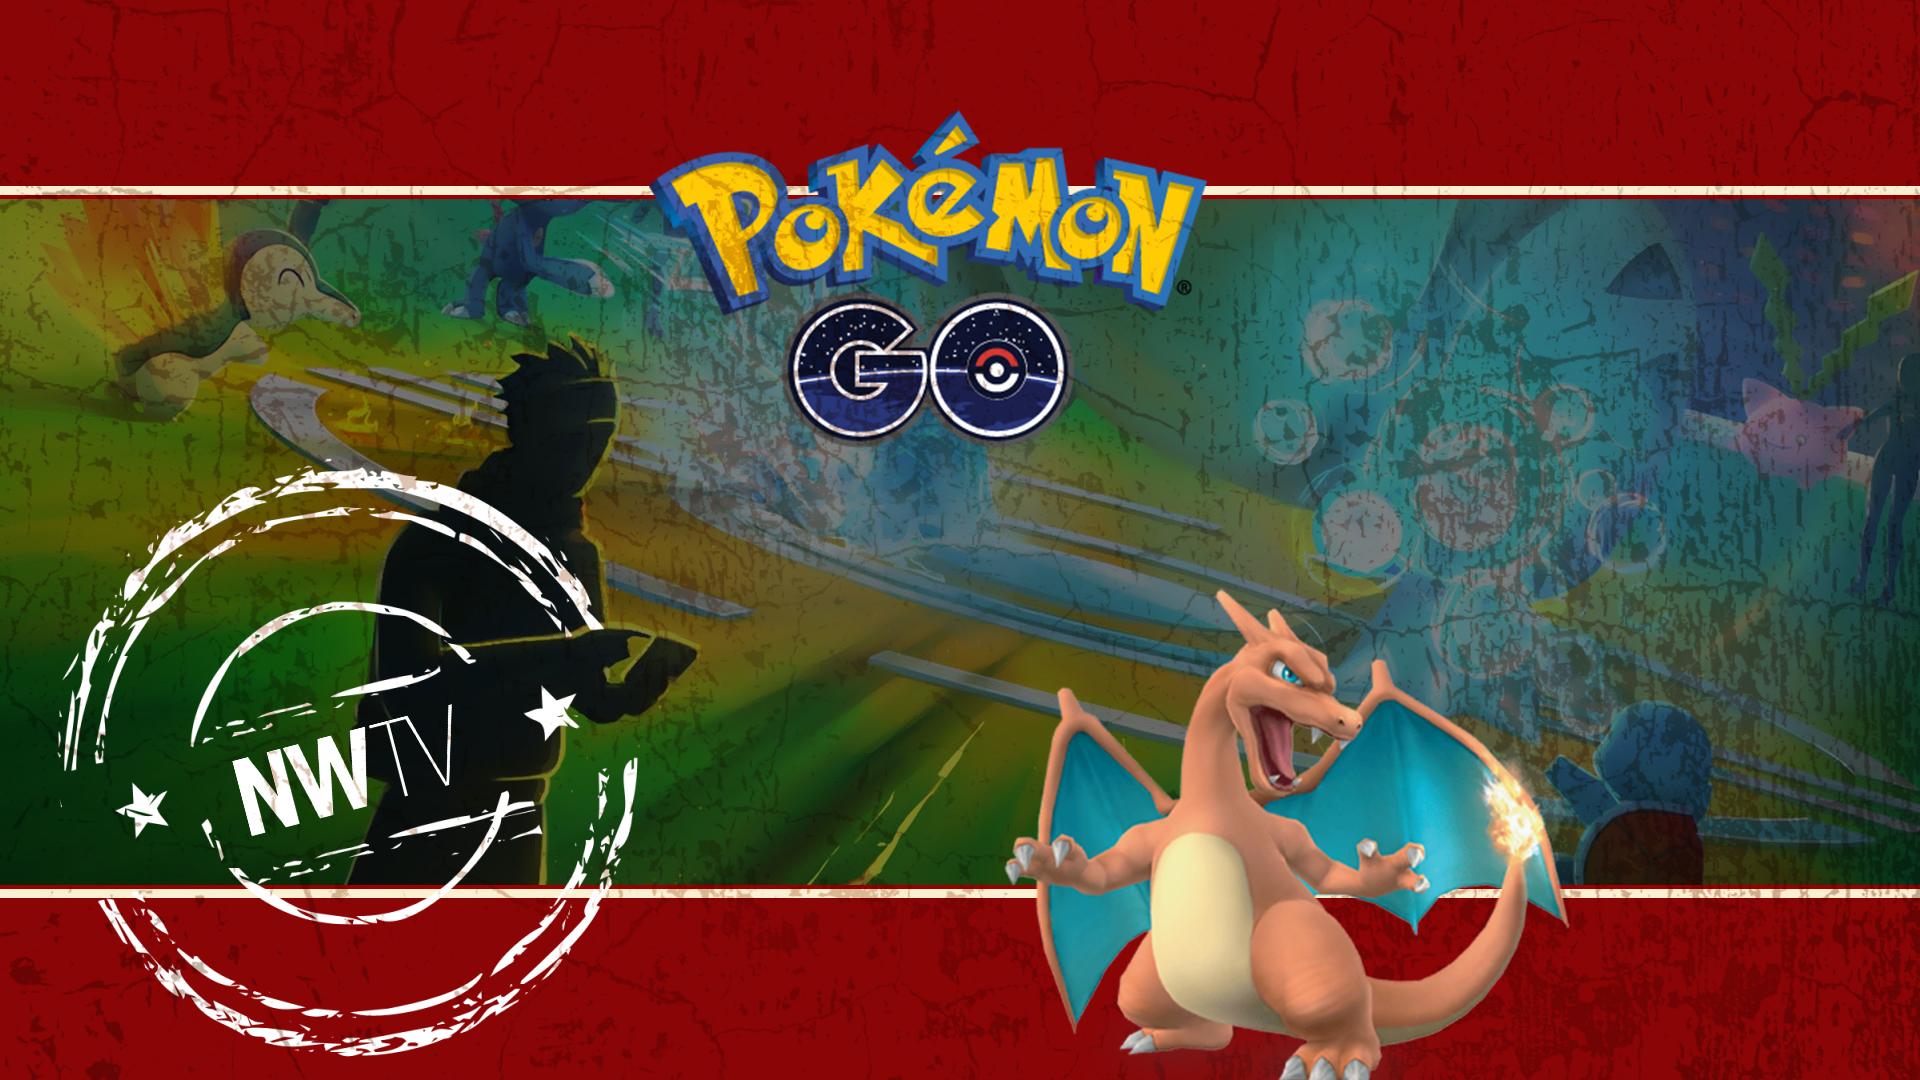 14.00 - Pokémon GO